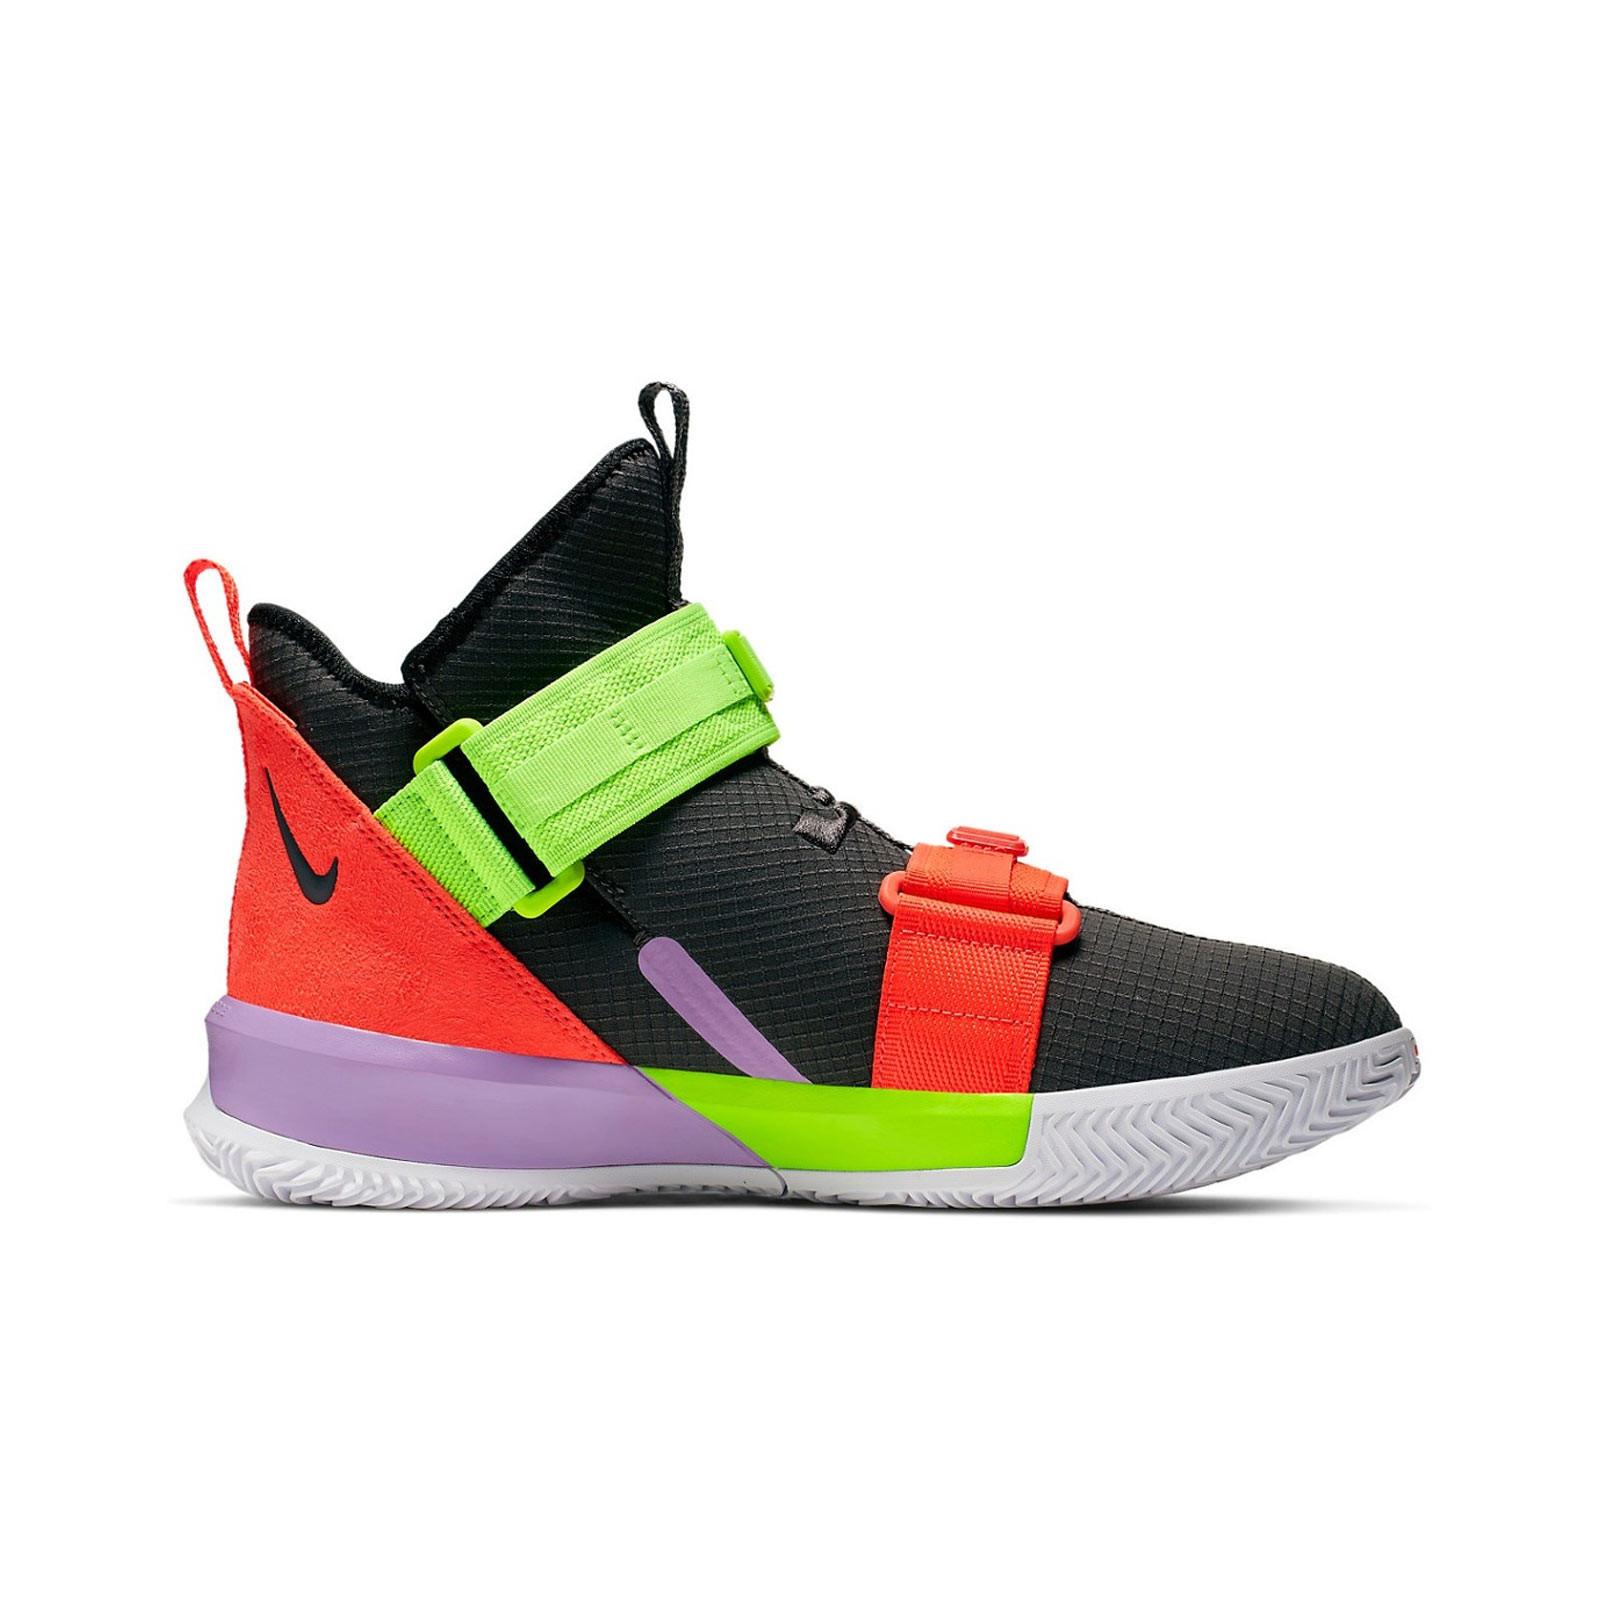 Zapatillas Nike Lebron Soldier Xiii Sfg Basketball para Hombre